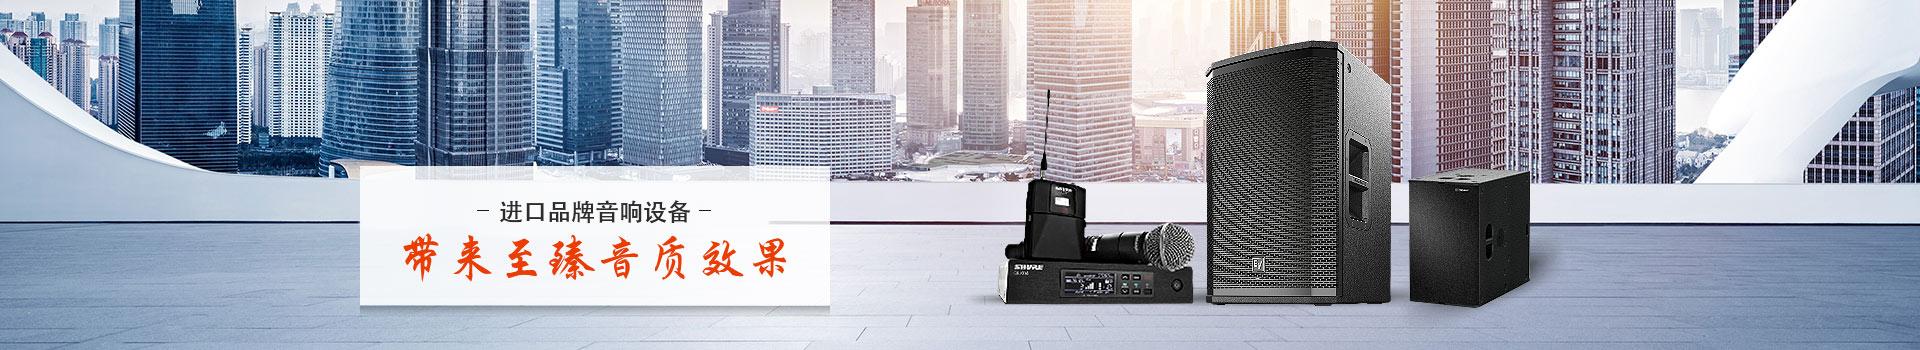 鑫禾舞美进口品牌音响设备带来至臻音质效果